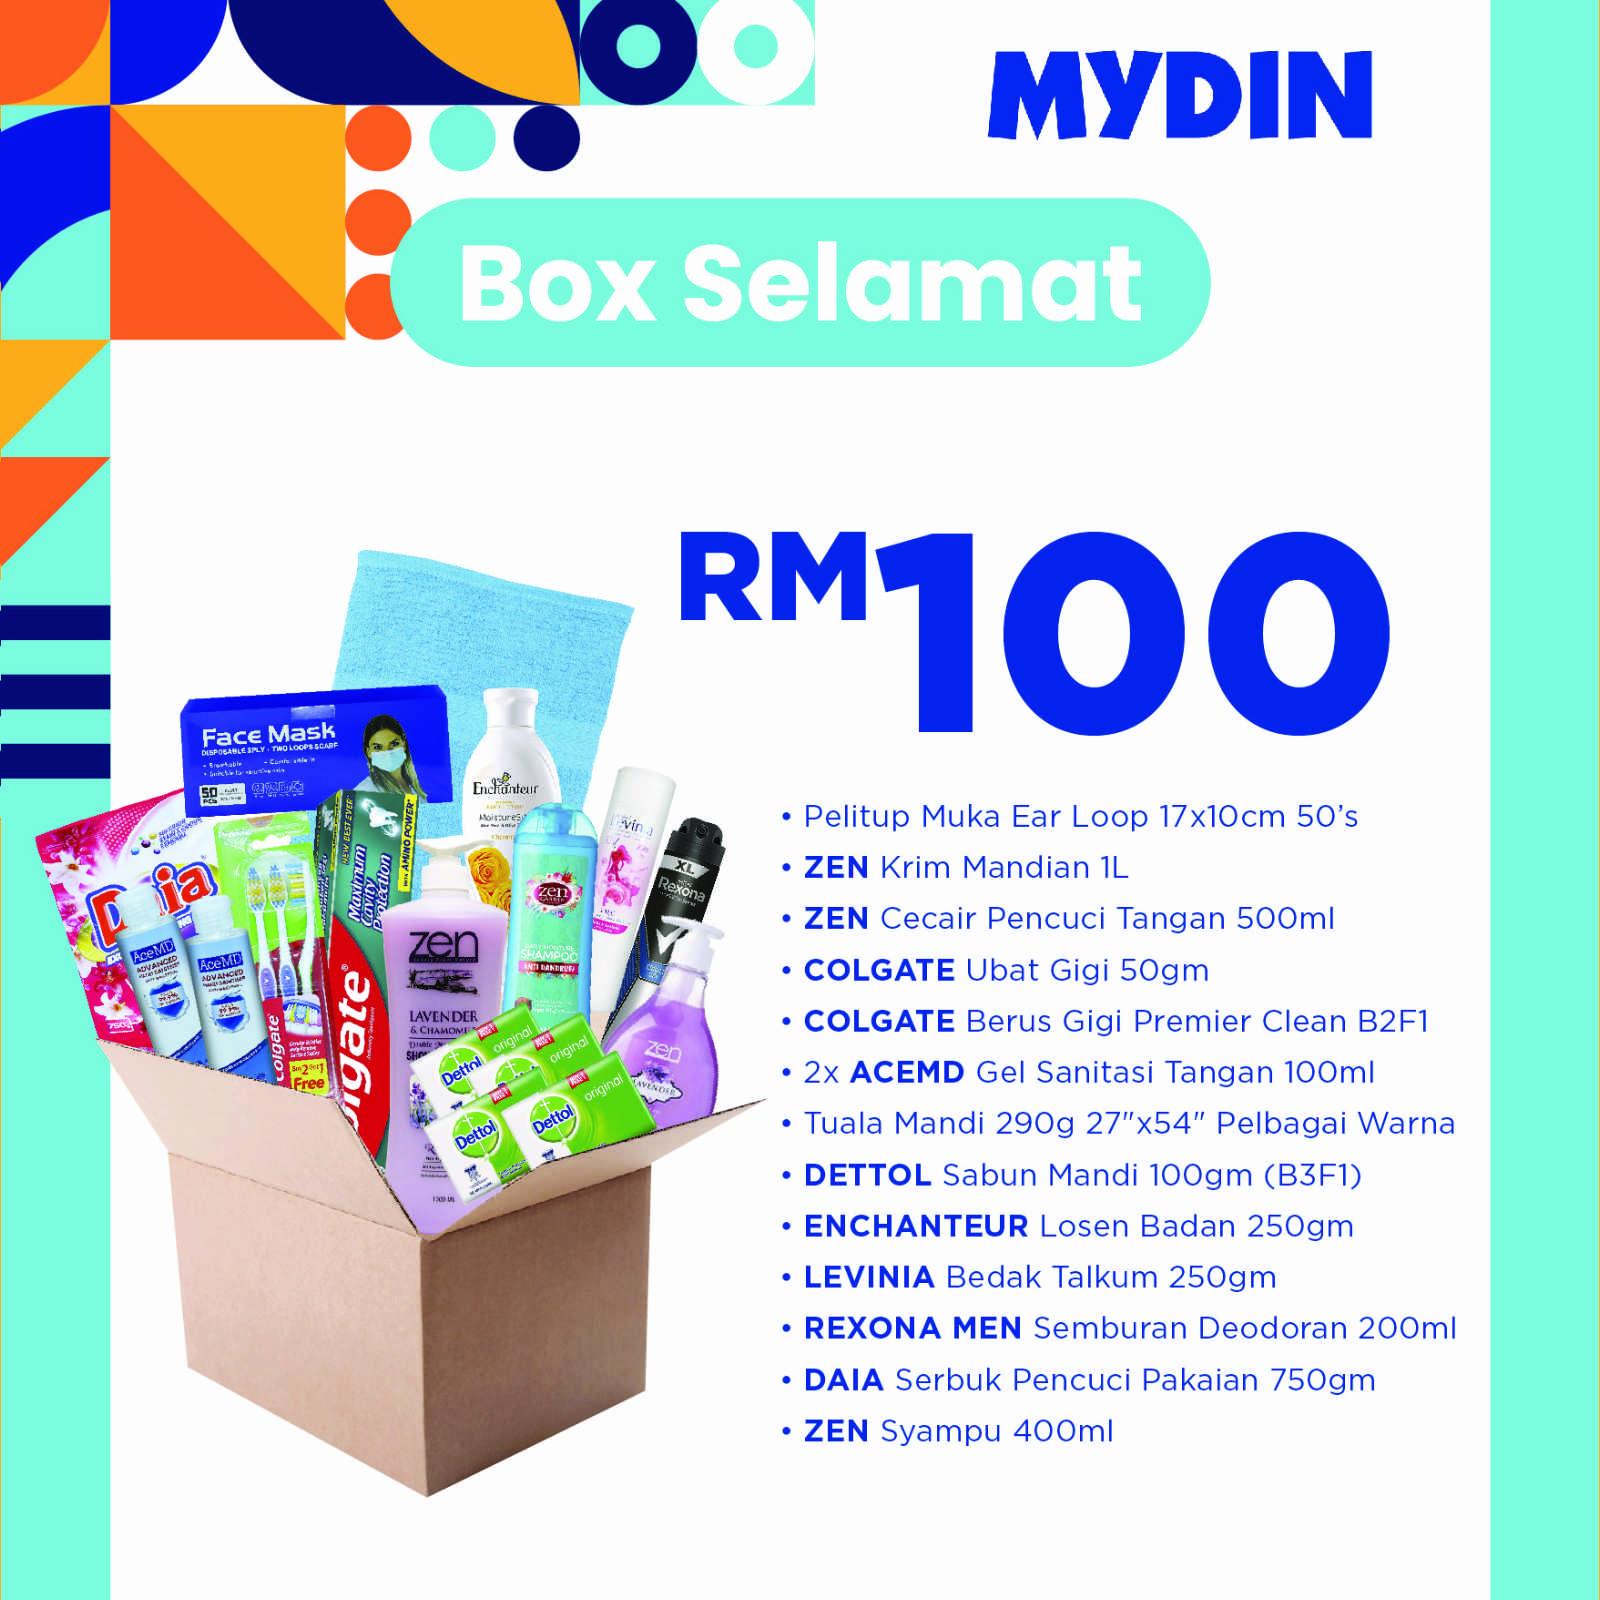 Selamat Combo Box (14 items)